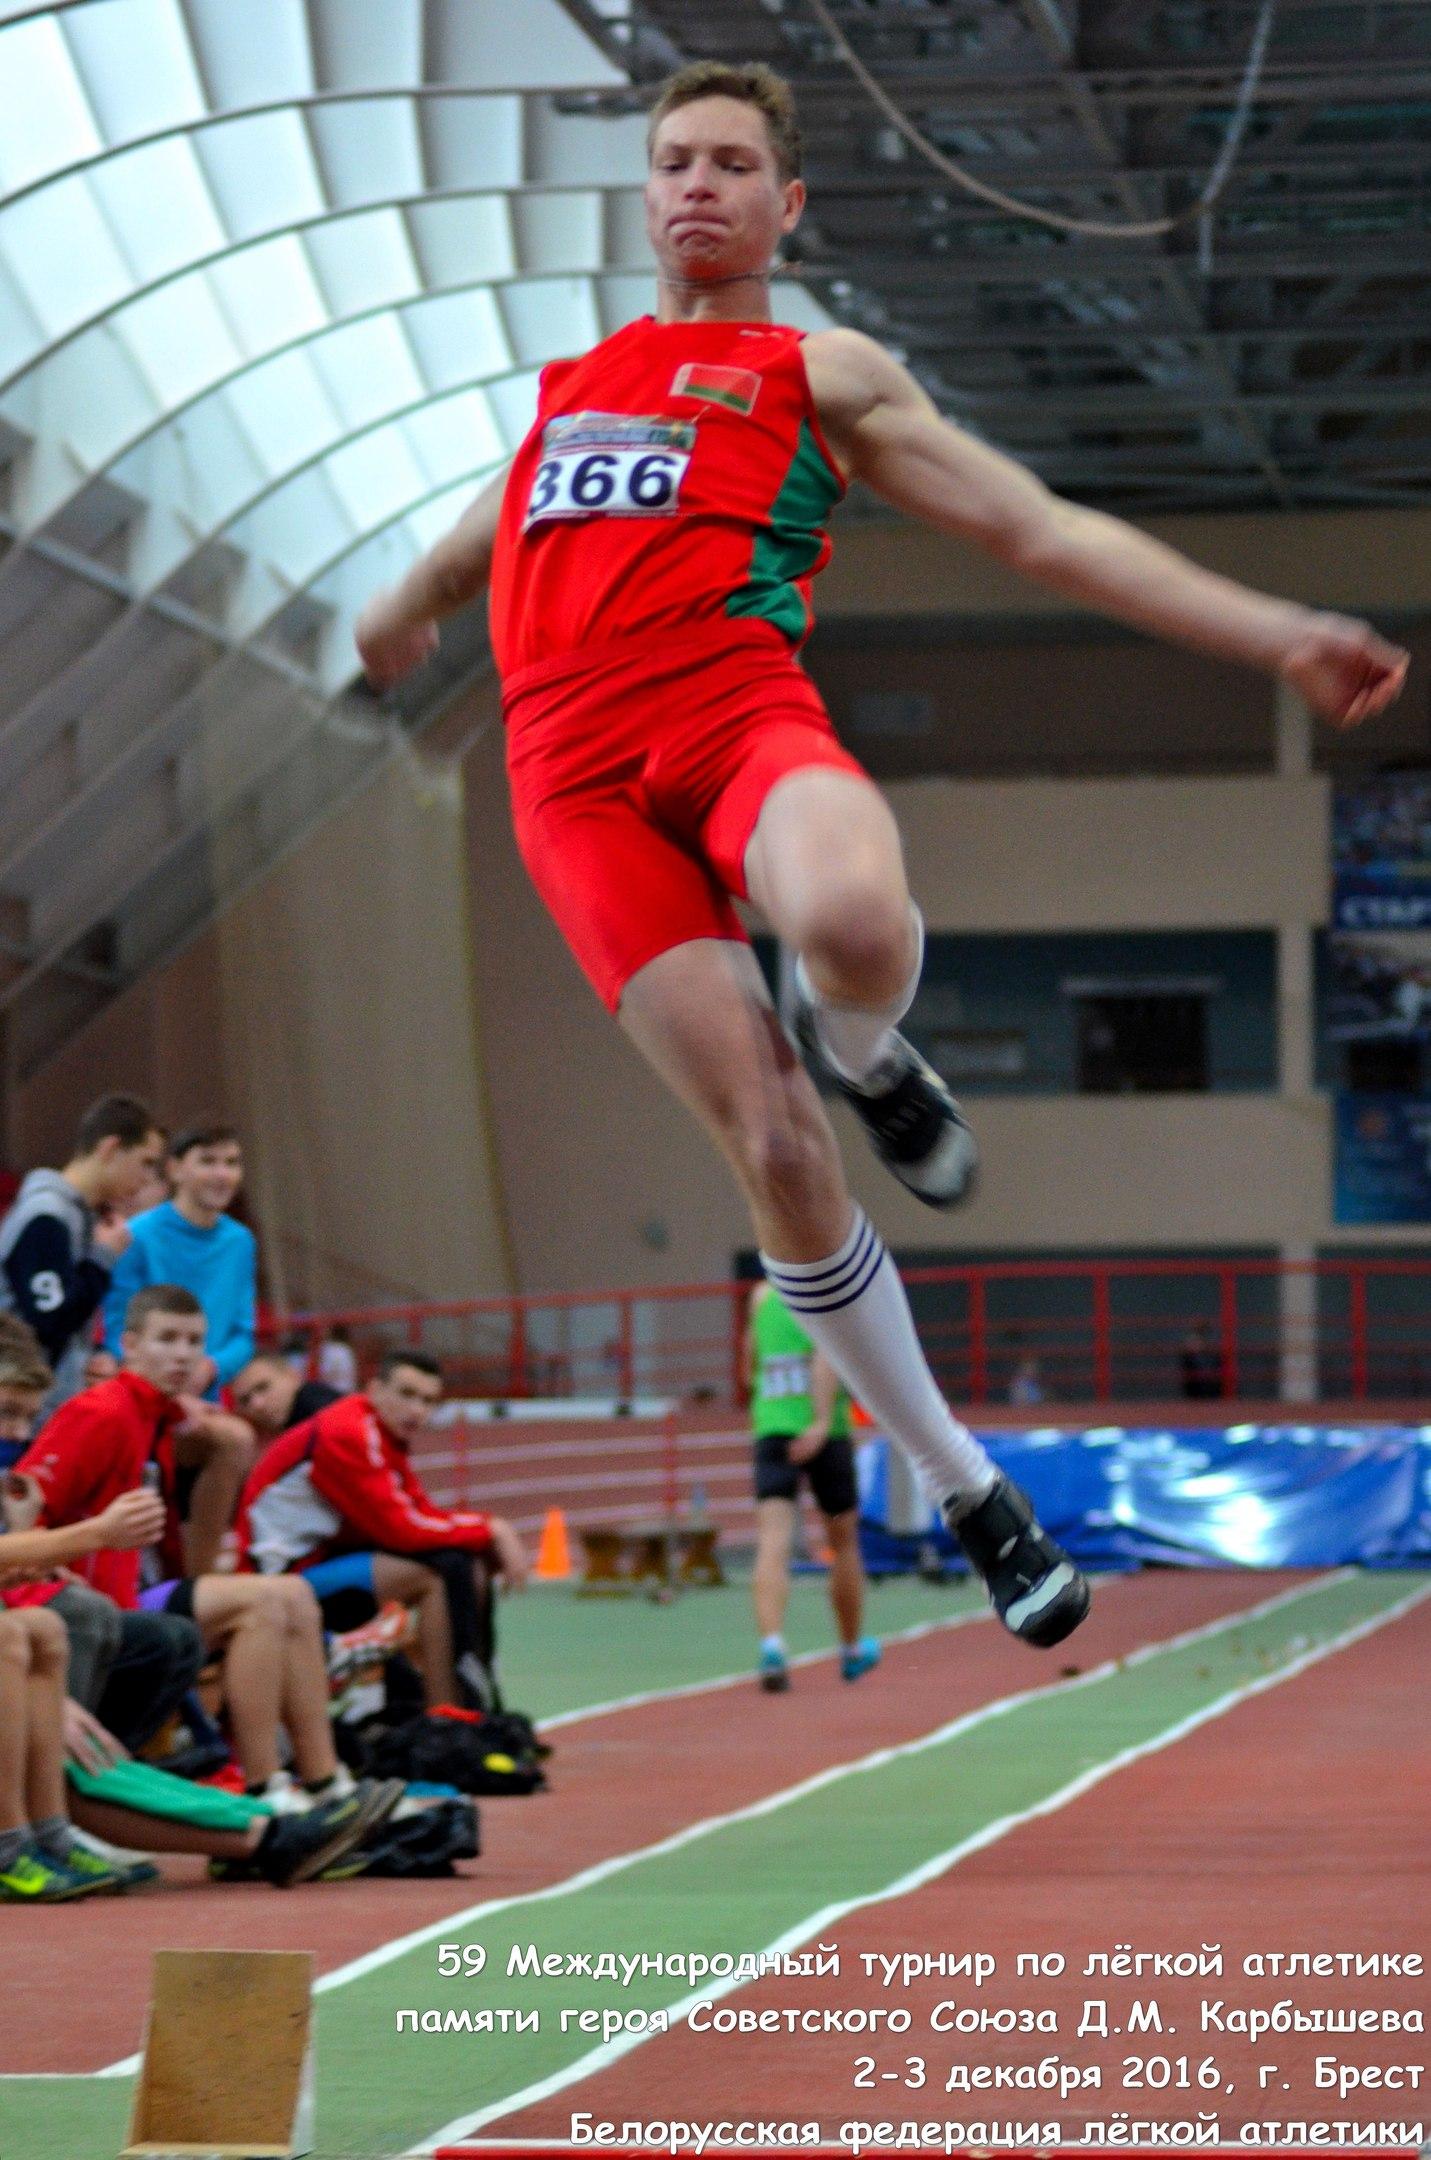 Александр Дикун. Фото: Белорусская федерация легкой атлетики